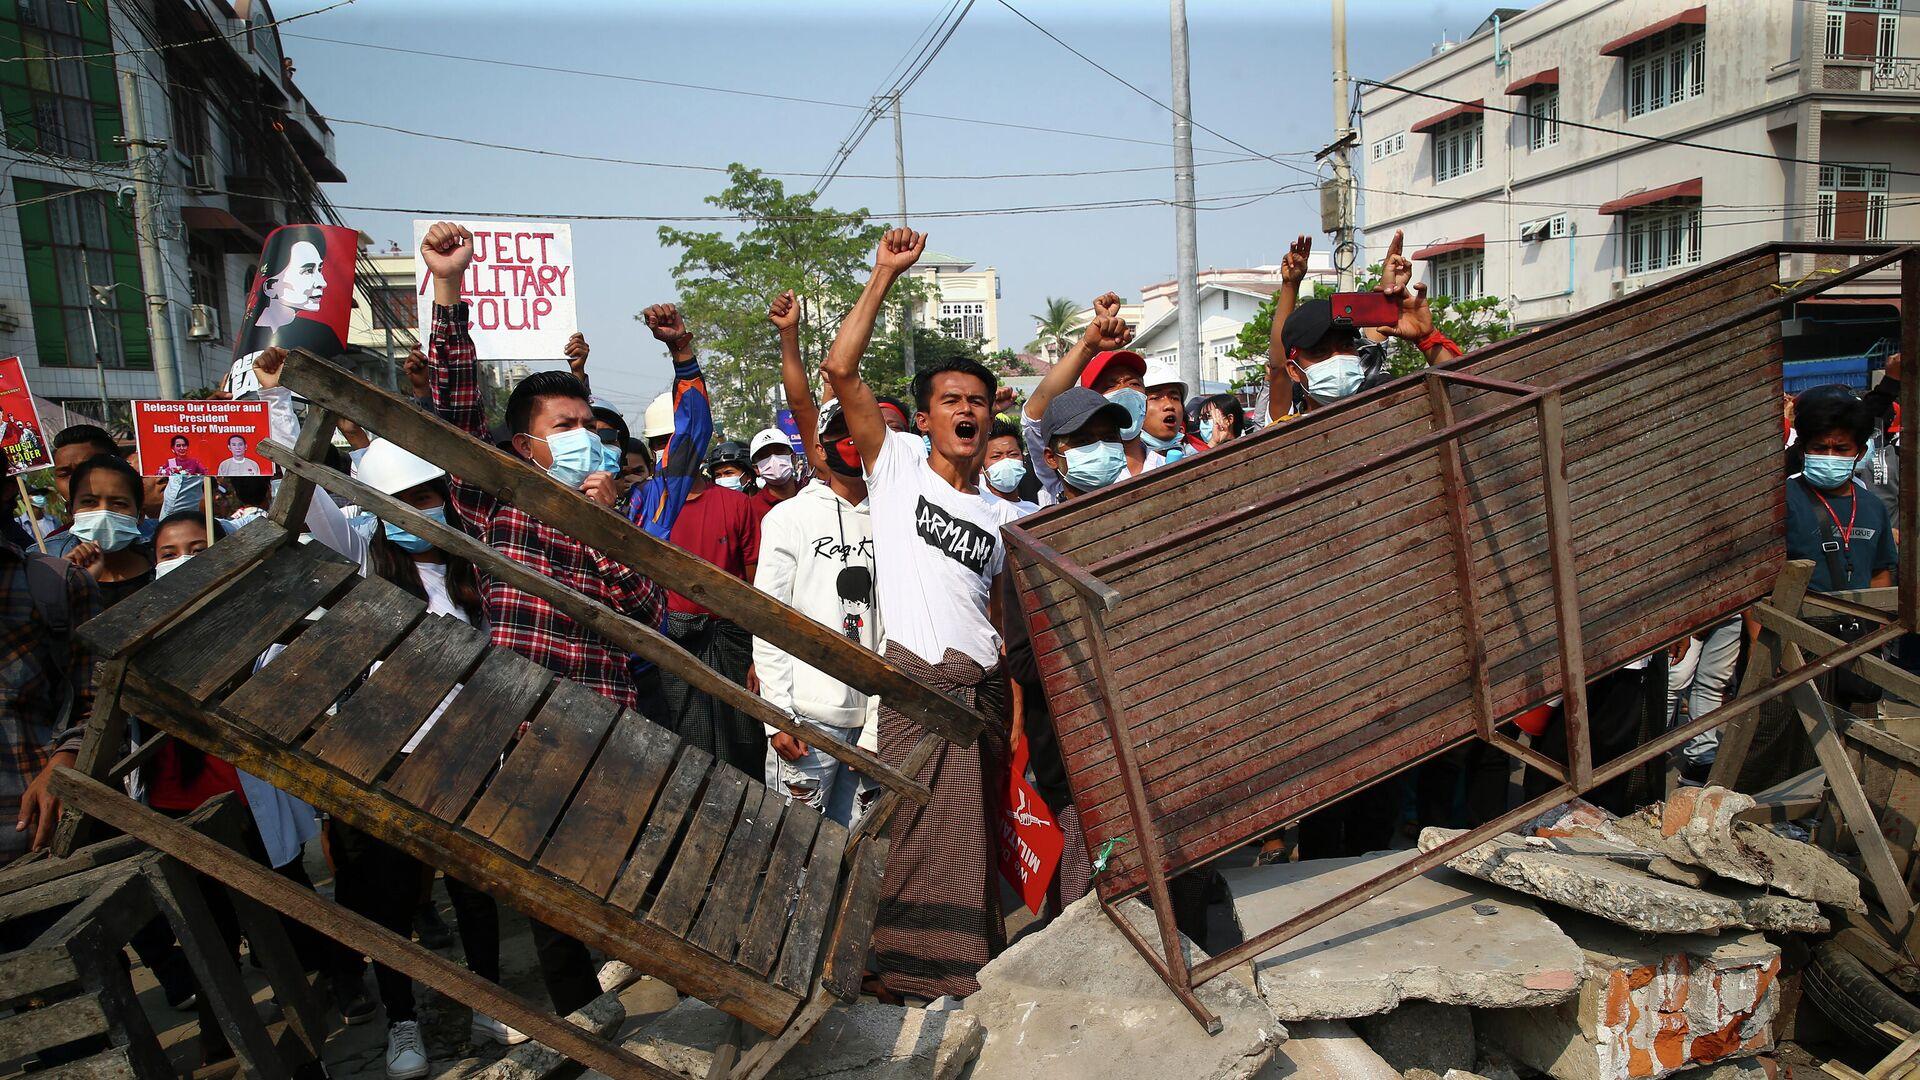 Акция протеста против военного переворота в Мандалае, Мьянма - РИА Новости, 1920, 01.03.2021